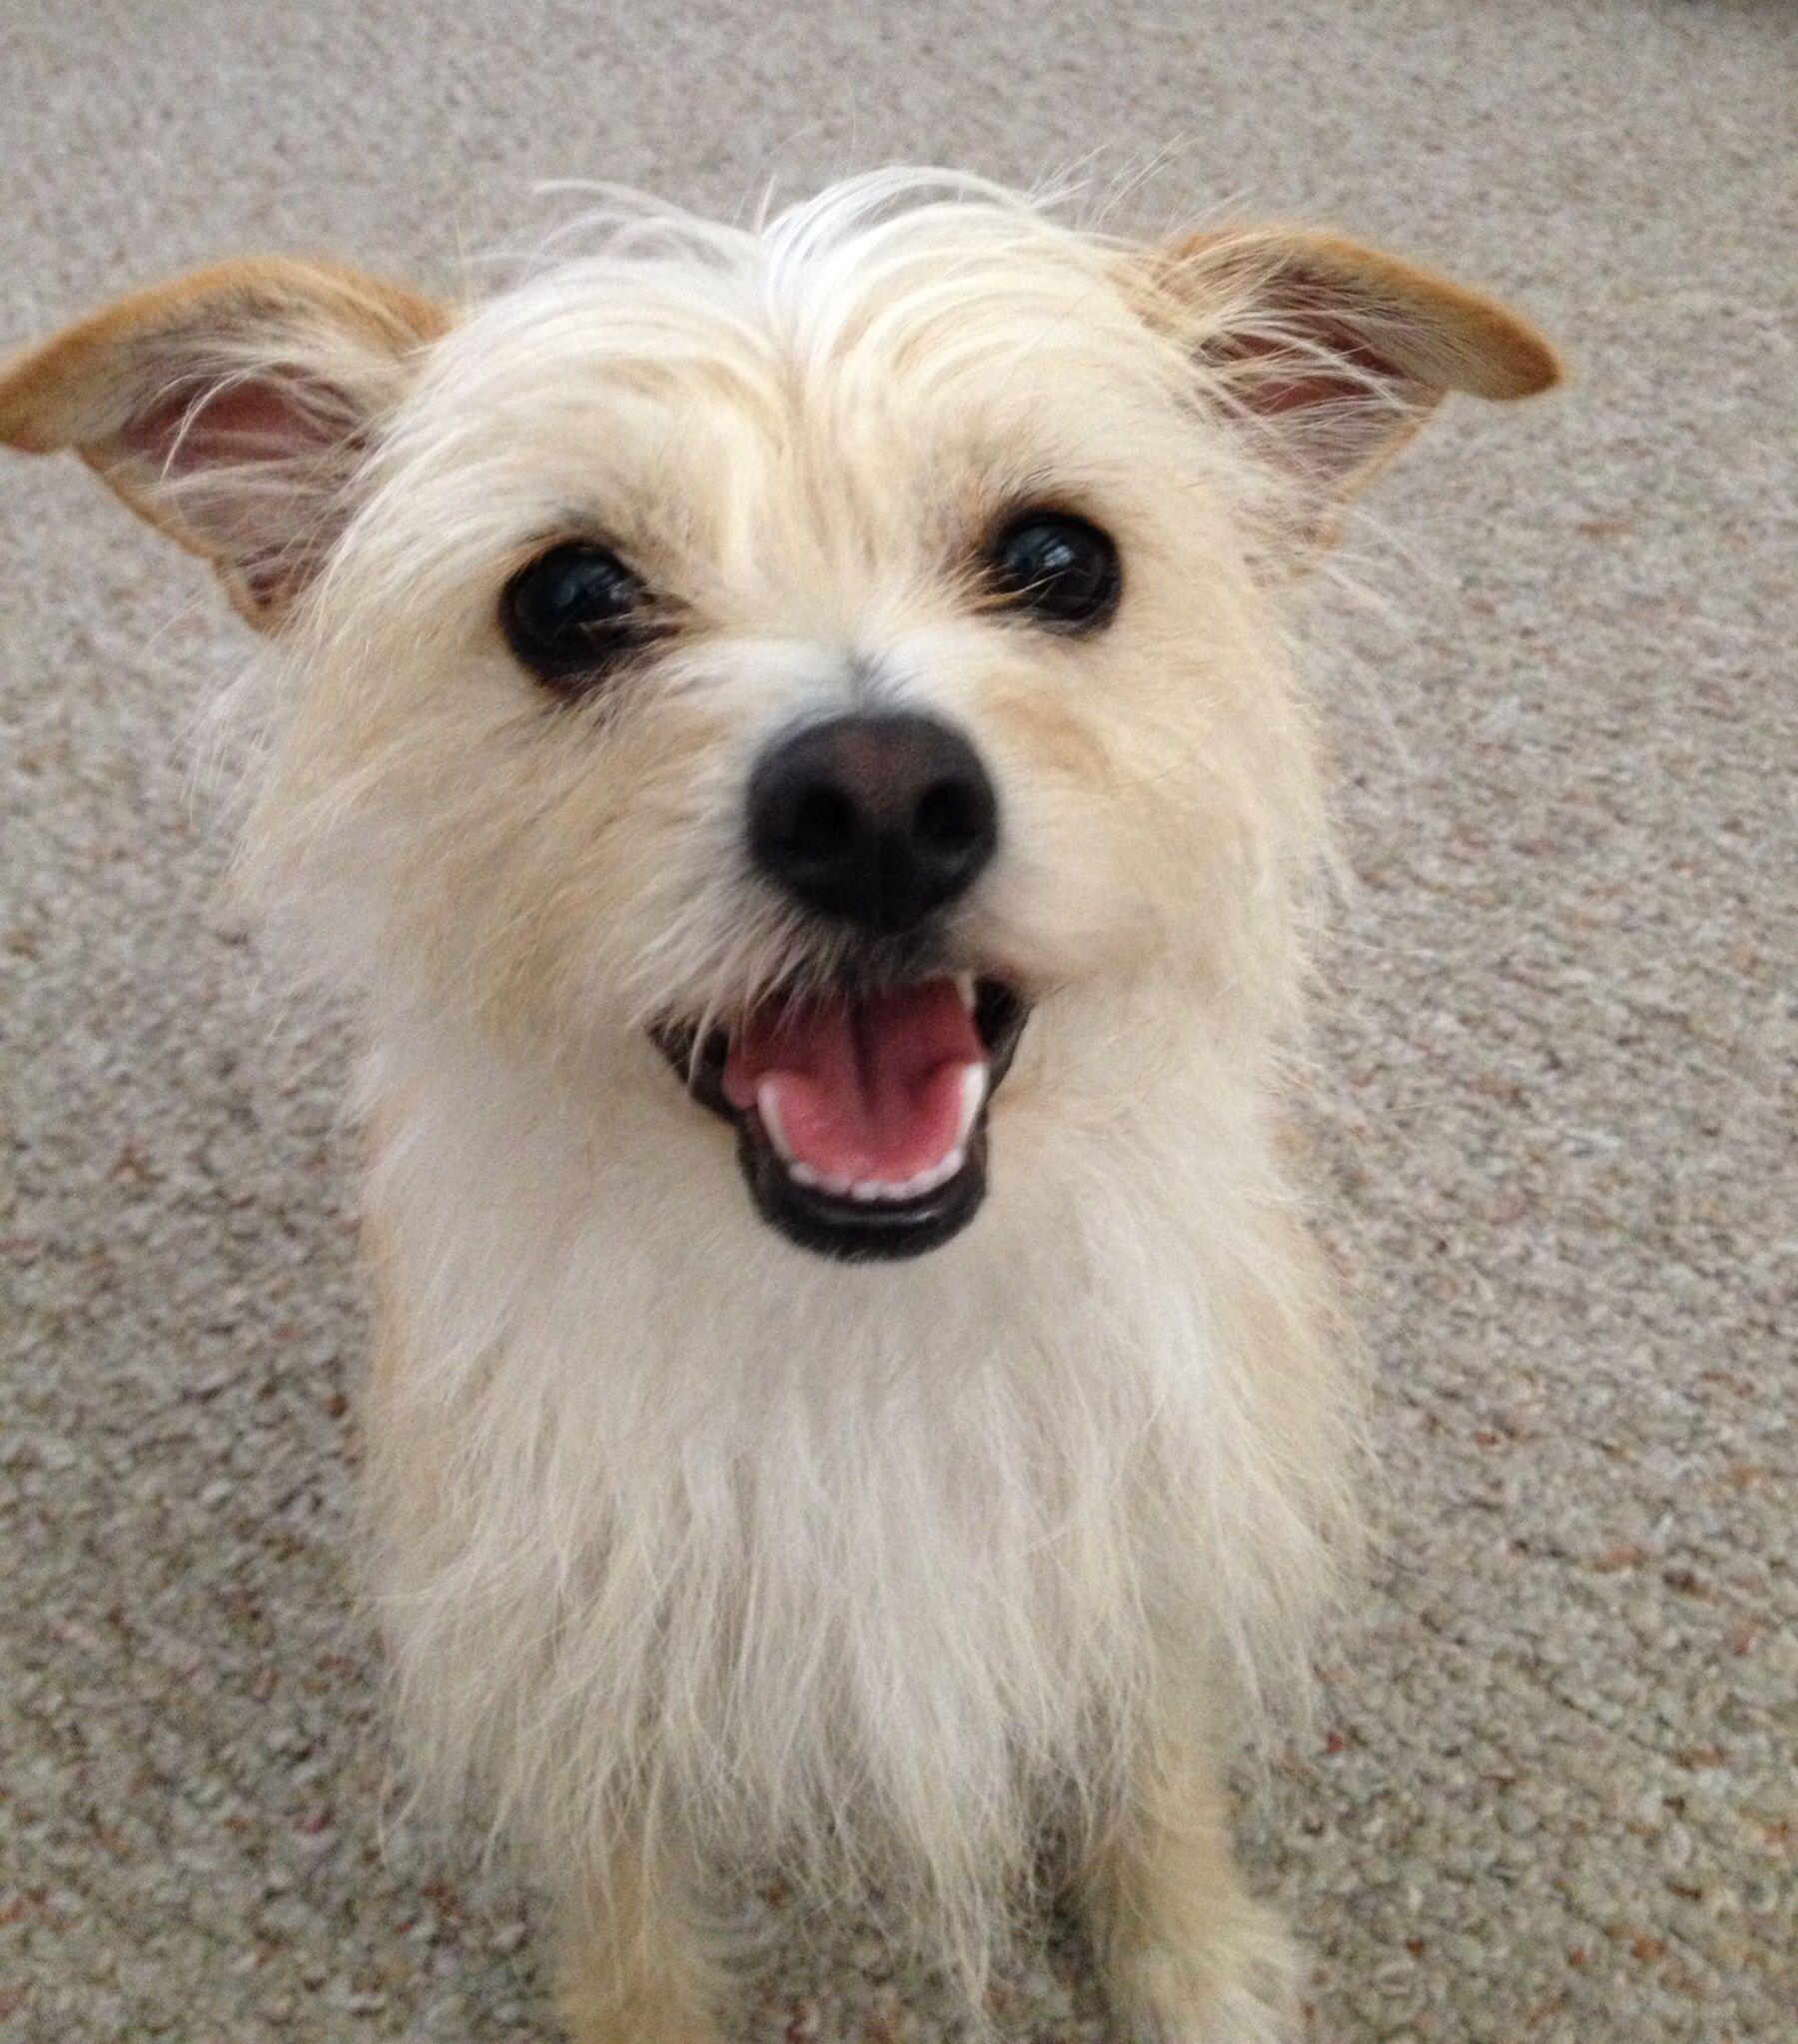 Buttons A Sweet Little Terrier Mix Pitbull Terrier Terrier Mix American Pitbull Terrier